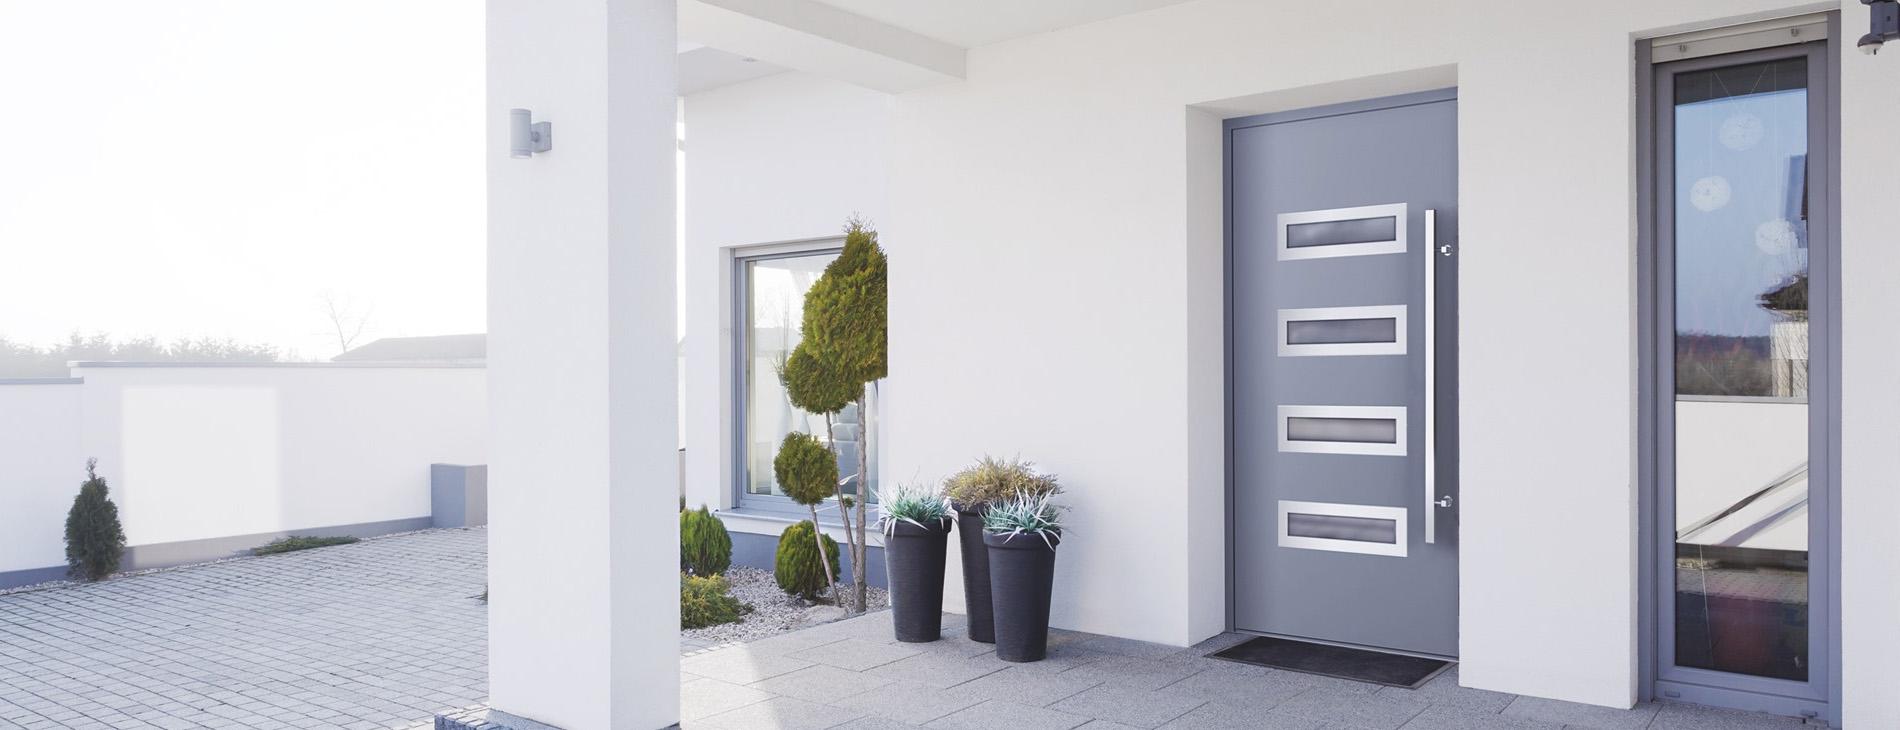 https://domadeco.co.uk/doors/external-single-doors.html